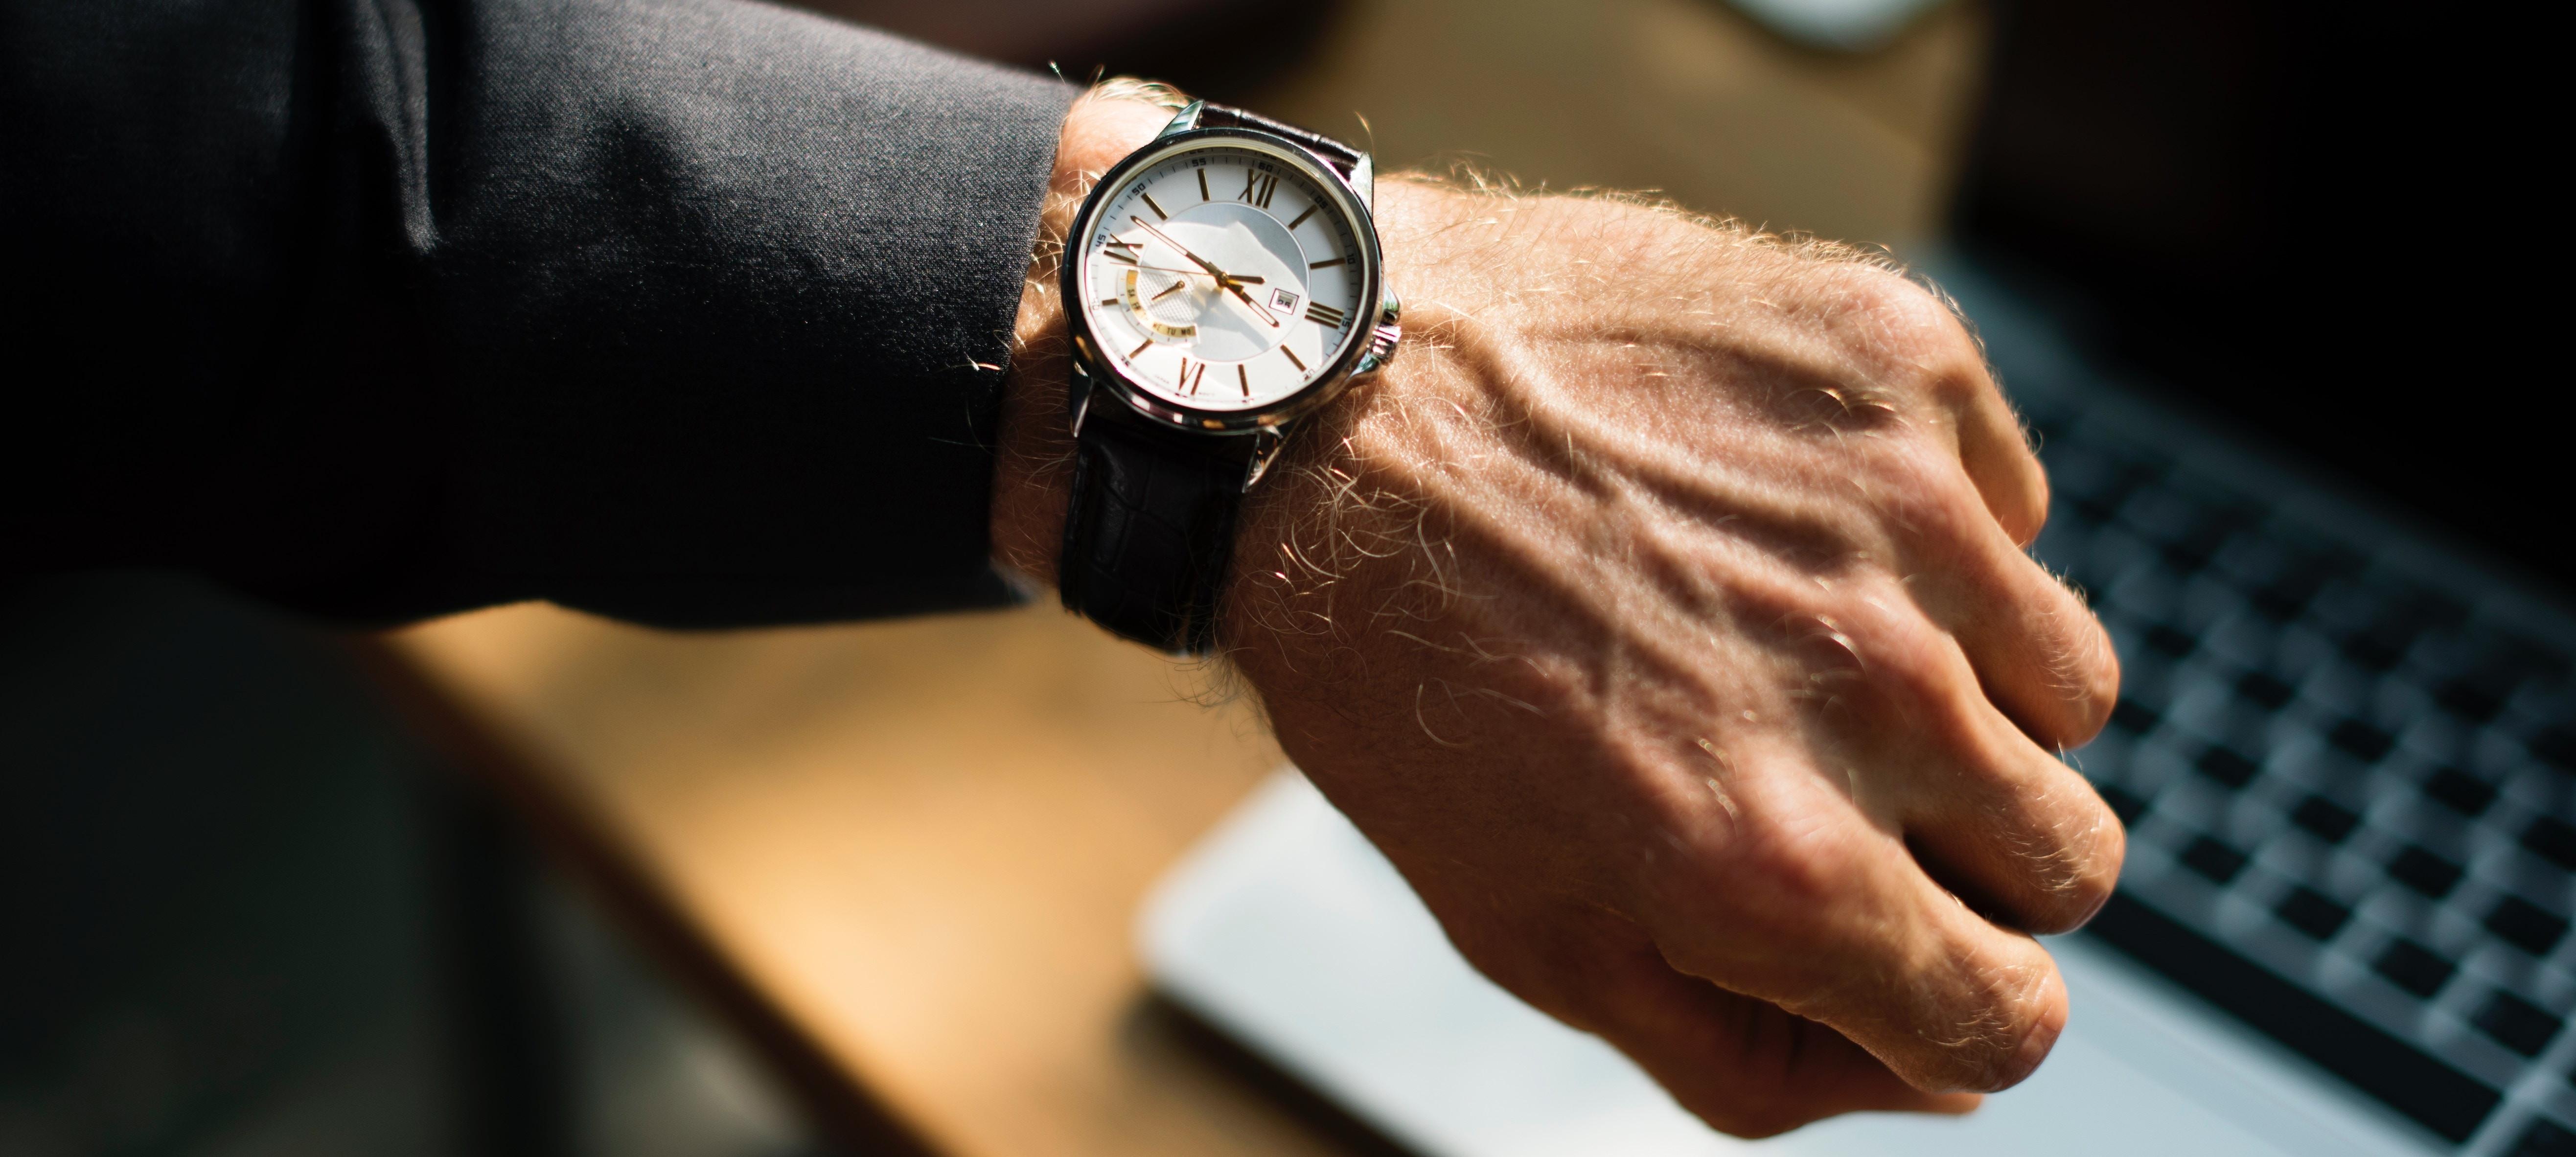 O tempo é um dos principais recursos de quem quer empreender. Saber quais os atalhos para otimizá-lo é uma das chaves do sucesso. (Foto: Unsplash)